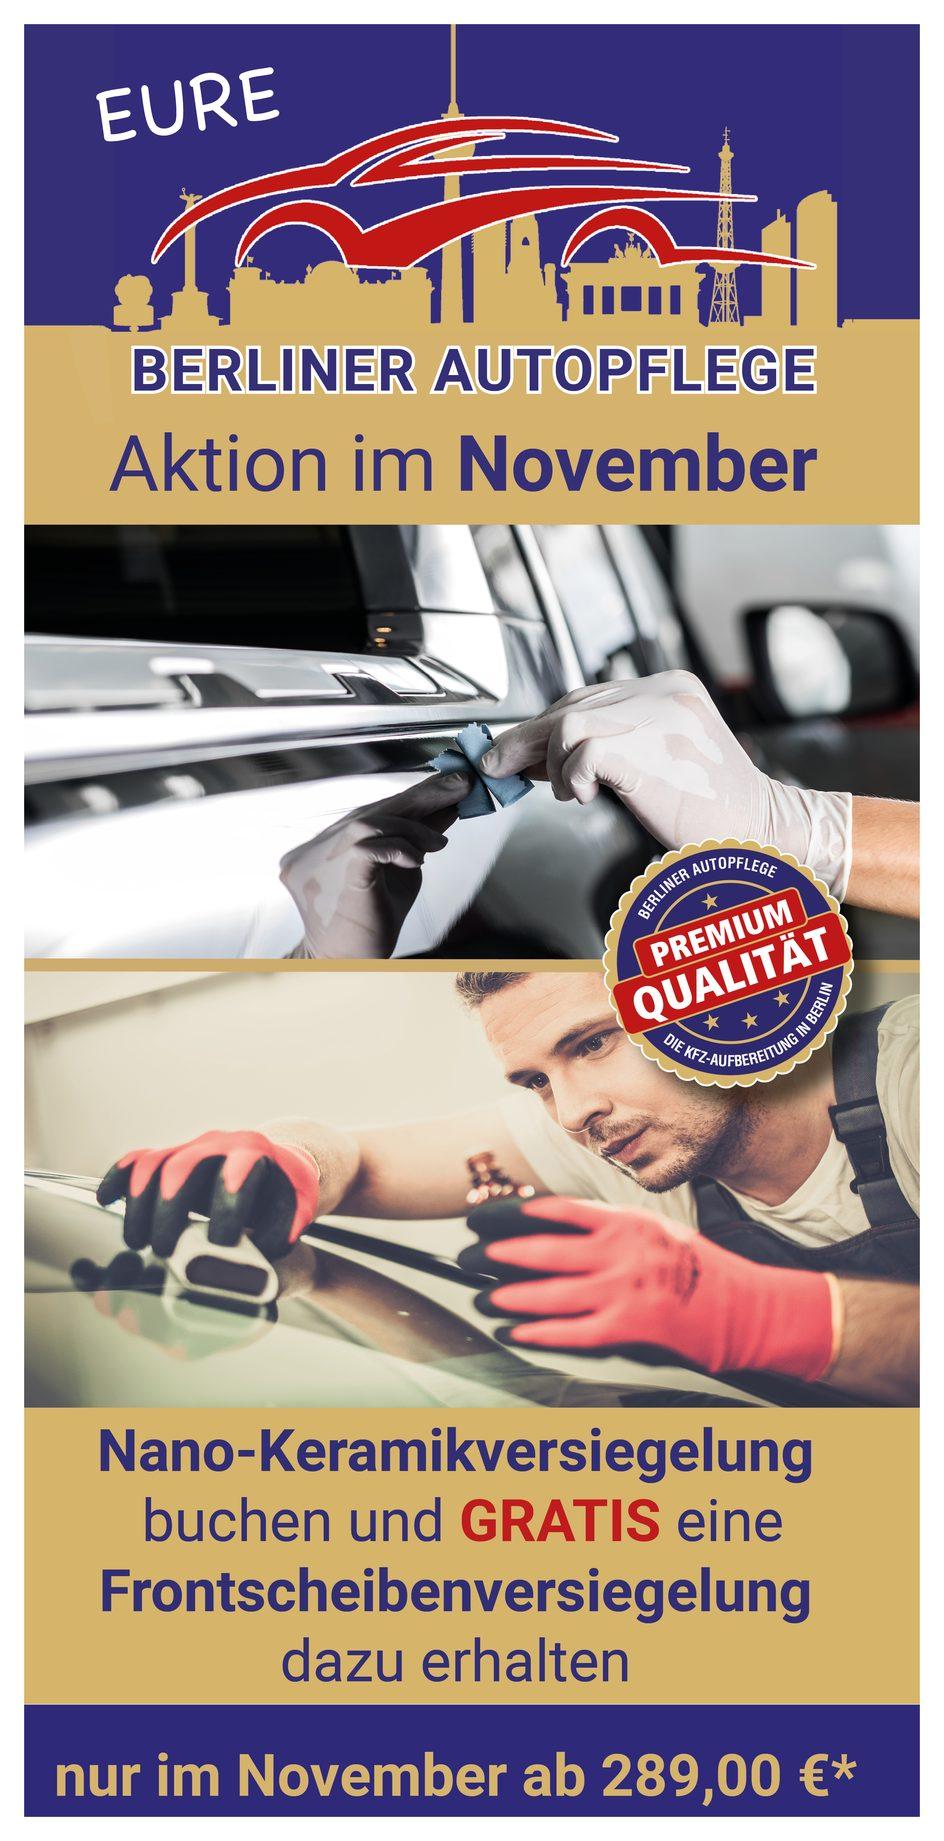 Autopflege Marzahn, Hellersdorf Angebot im Oktober